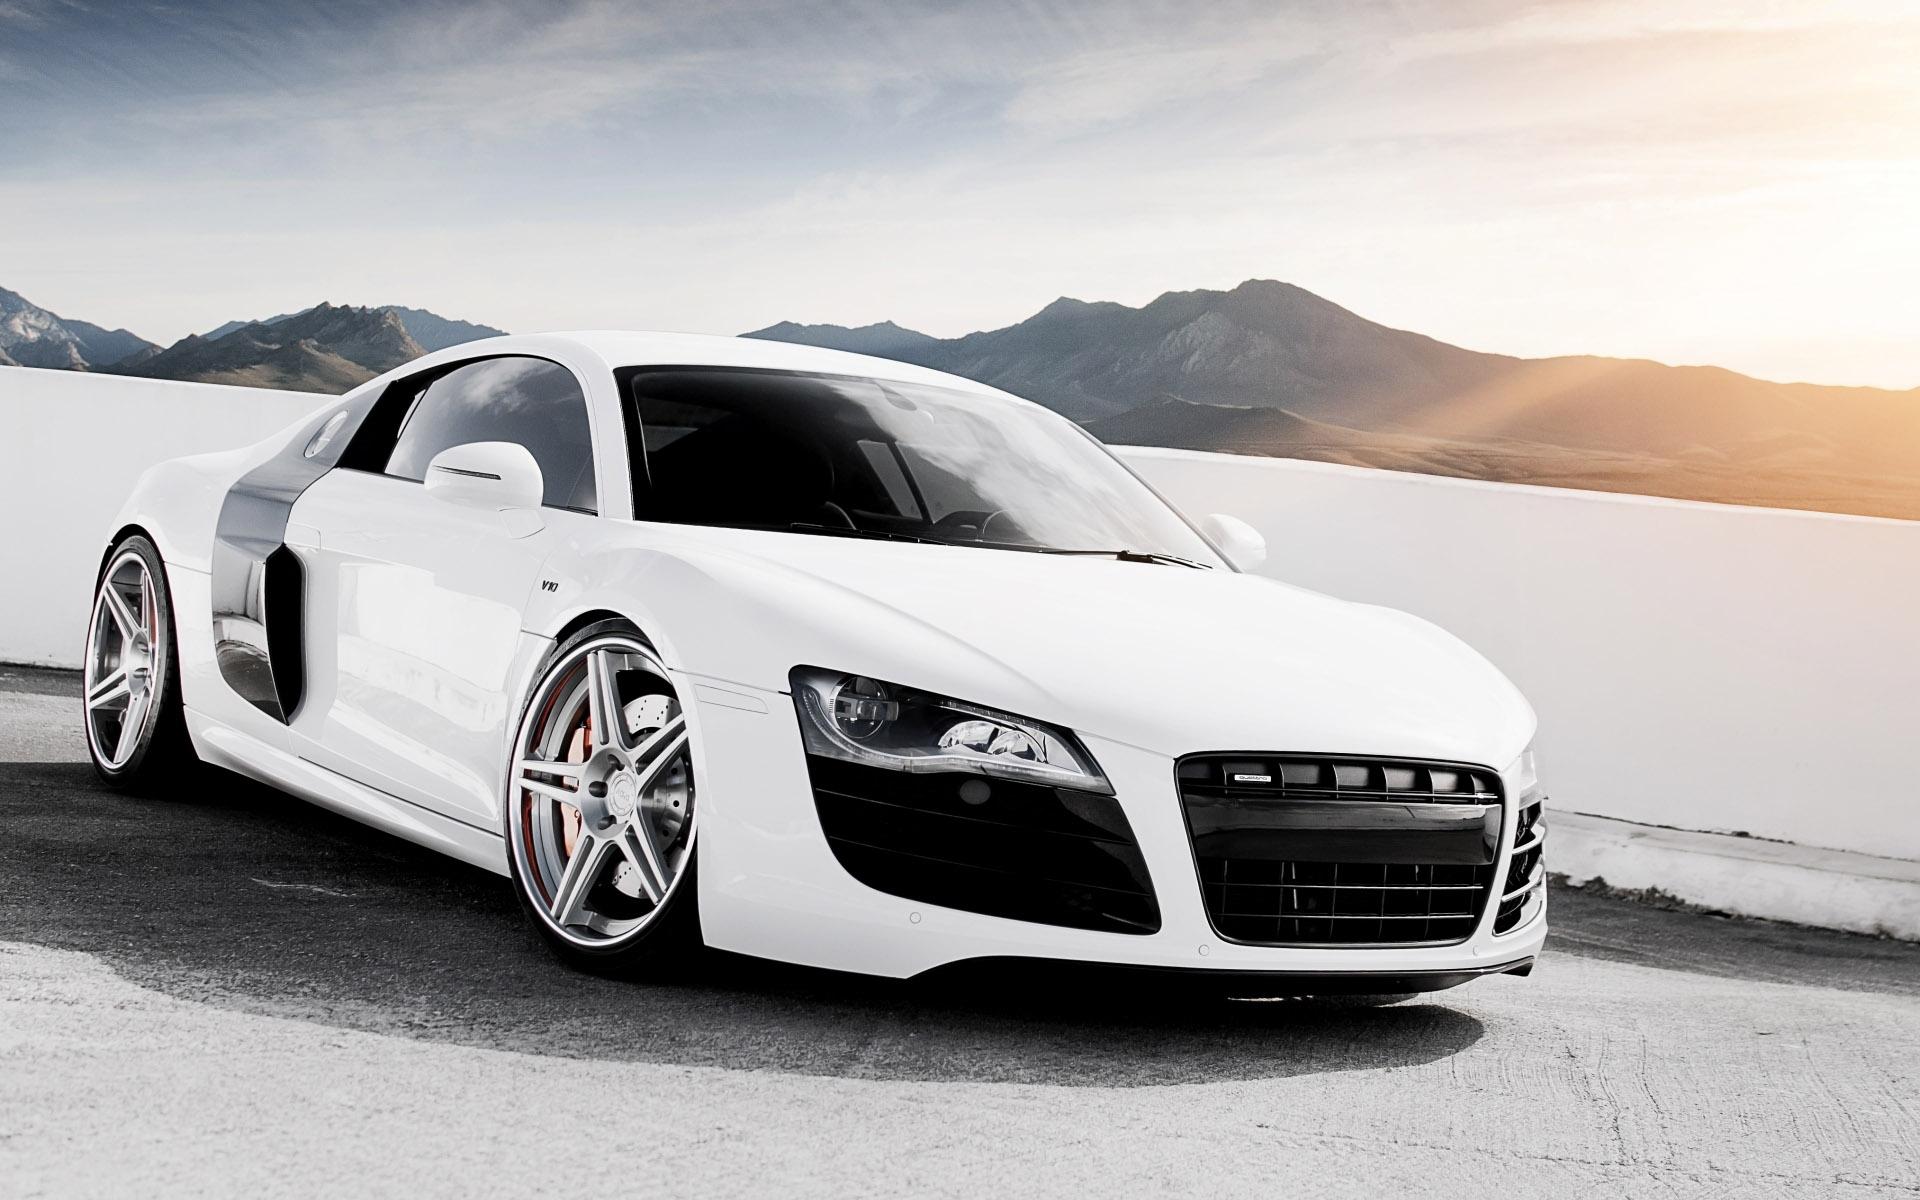 Классные картинки и обои автомобиля Audi R8 - подборка 25 фото 22